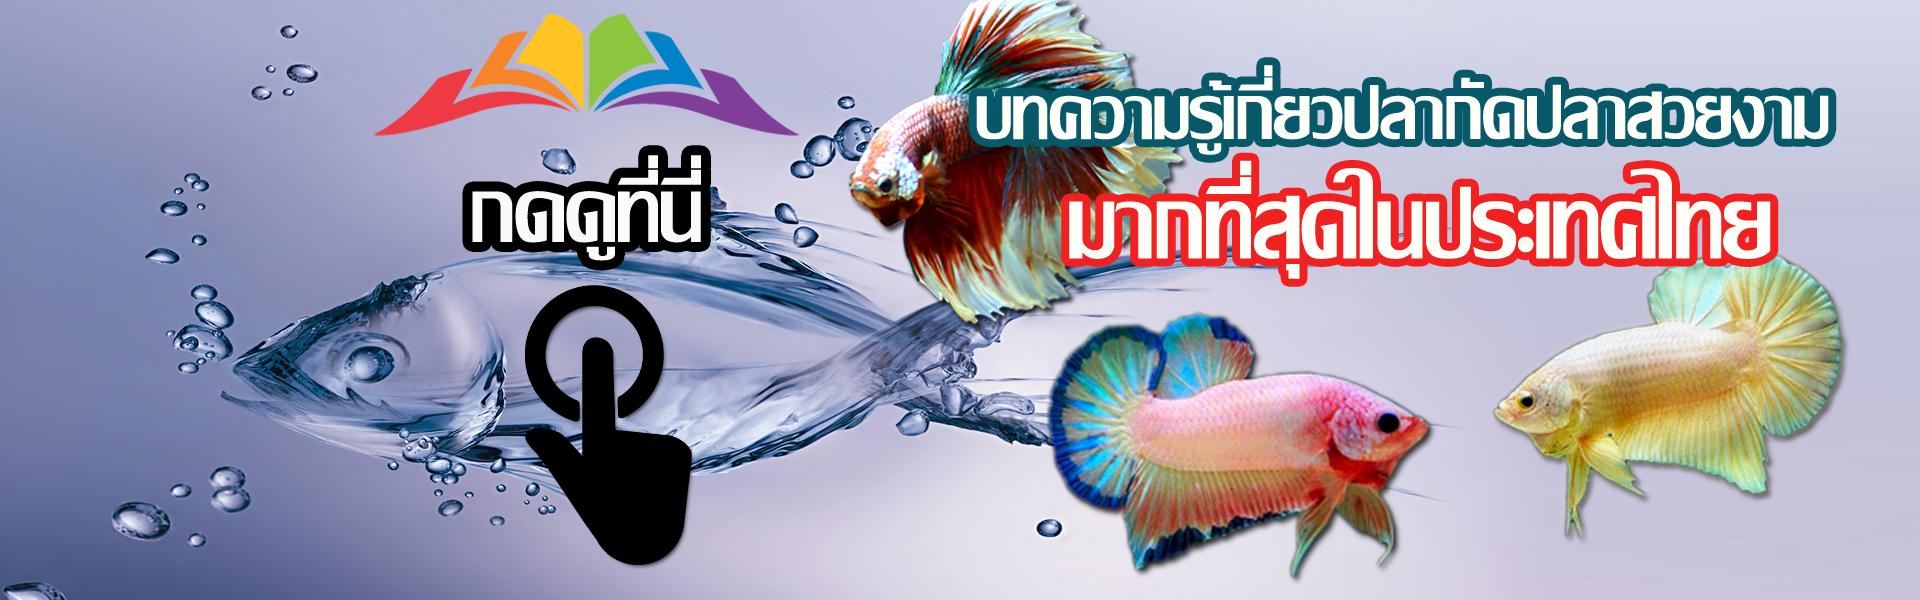 บทความน่ารู้สำหรับปลากัดและปลาสวยงาม